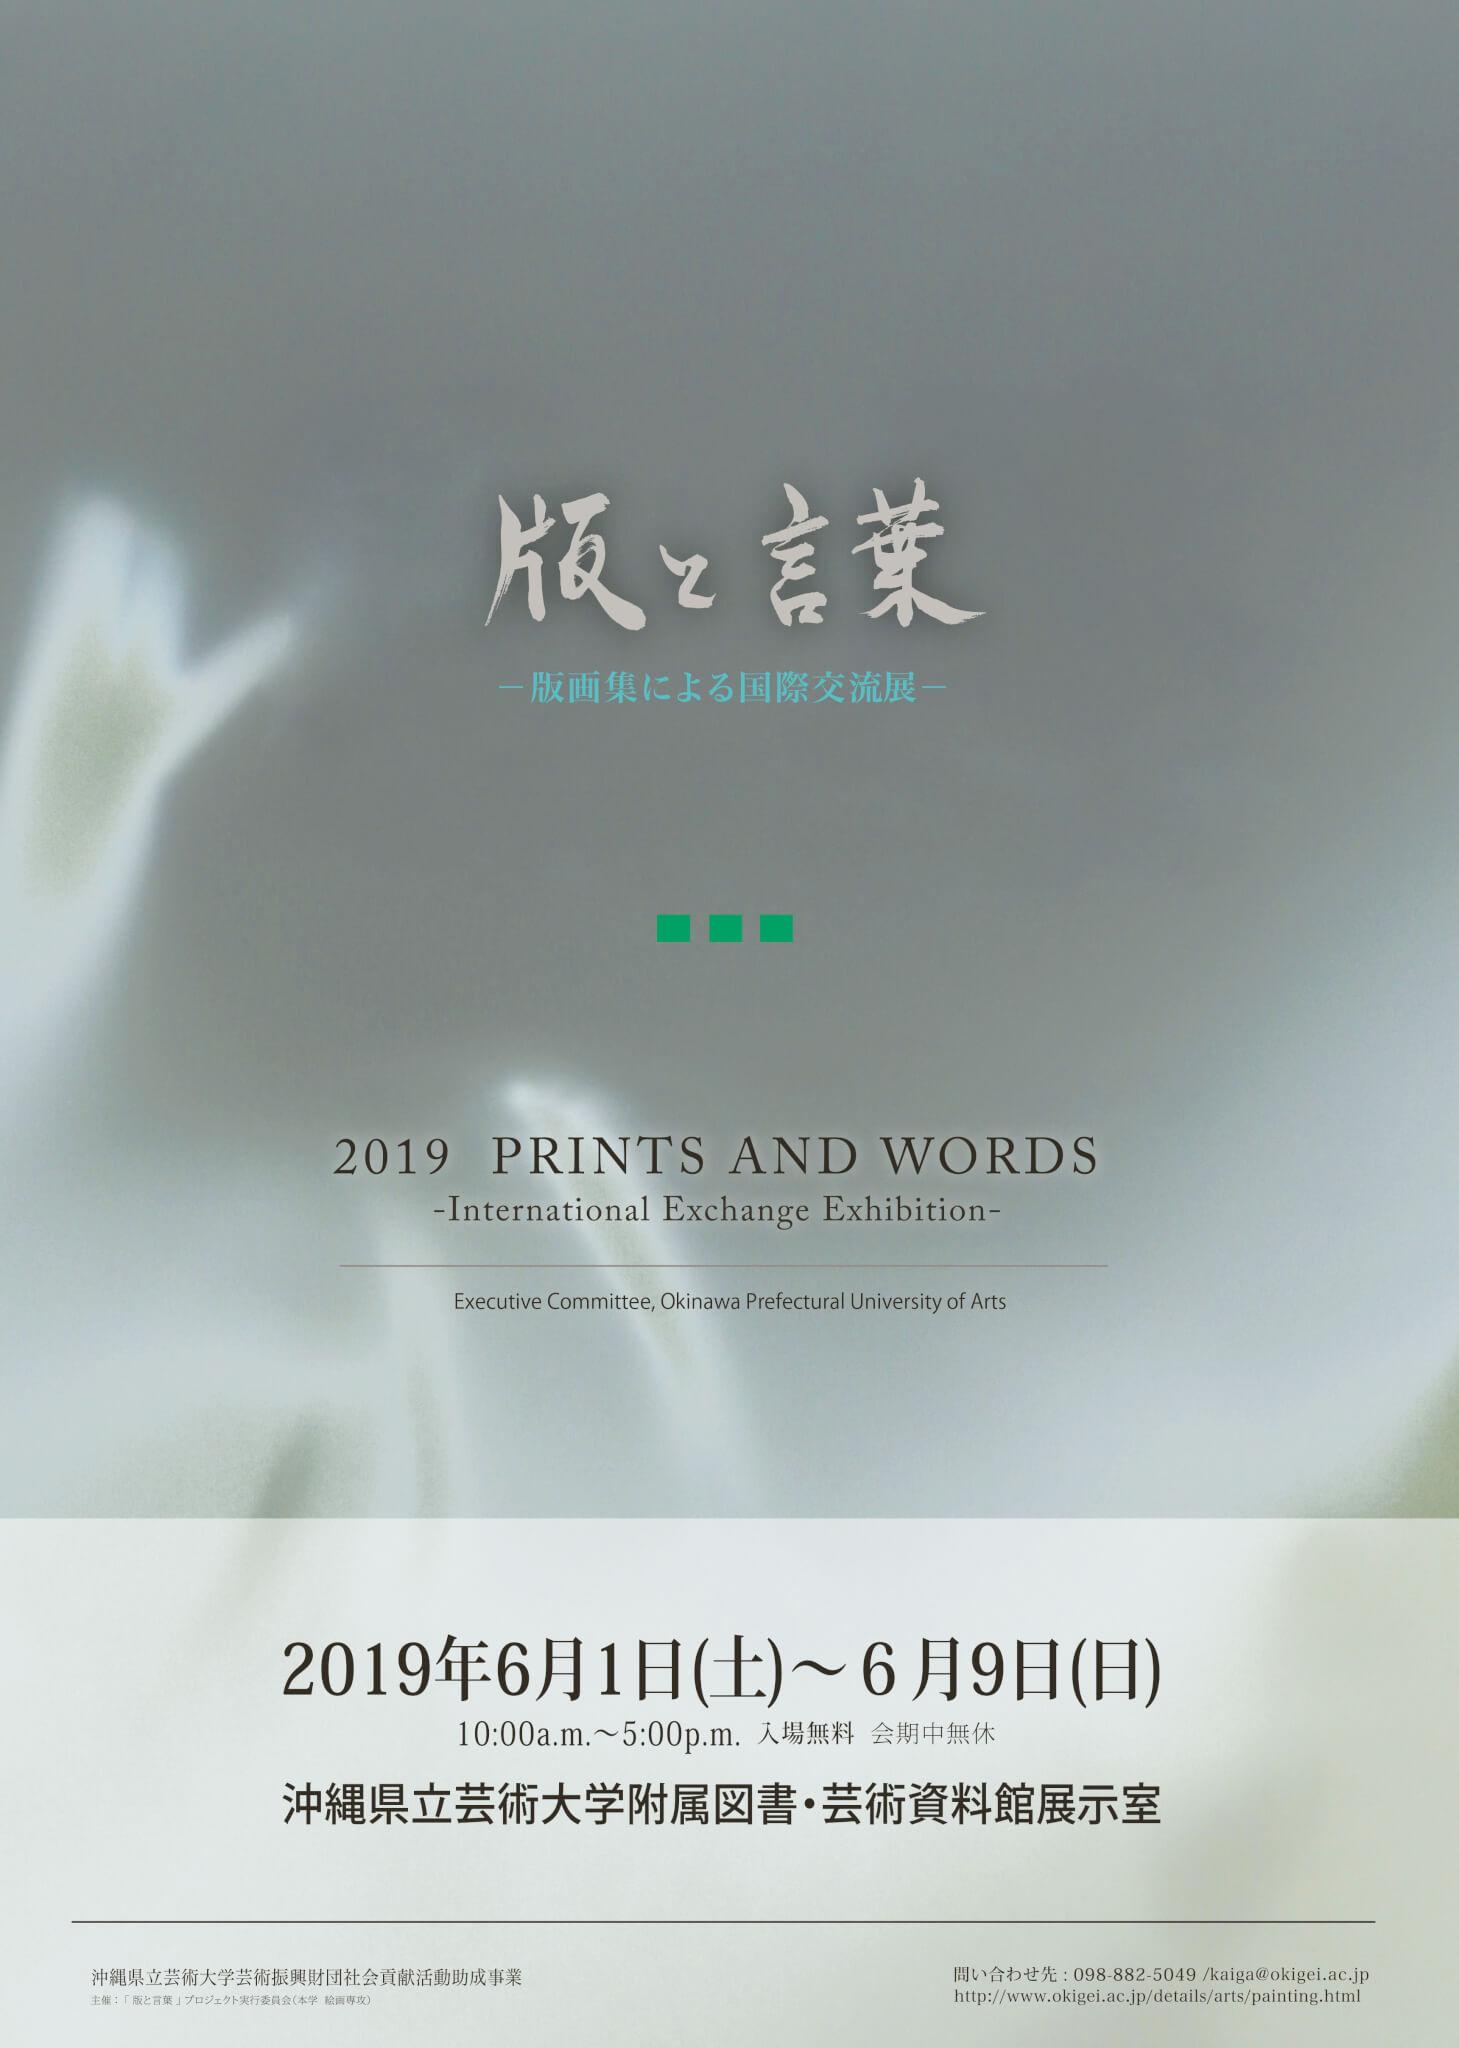 2019版と言葉展ー版画集による国際交流